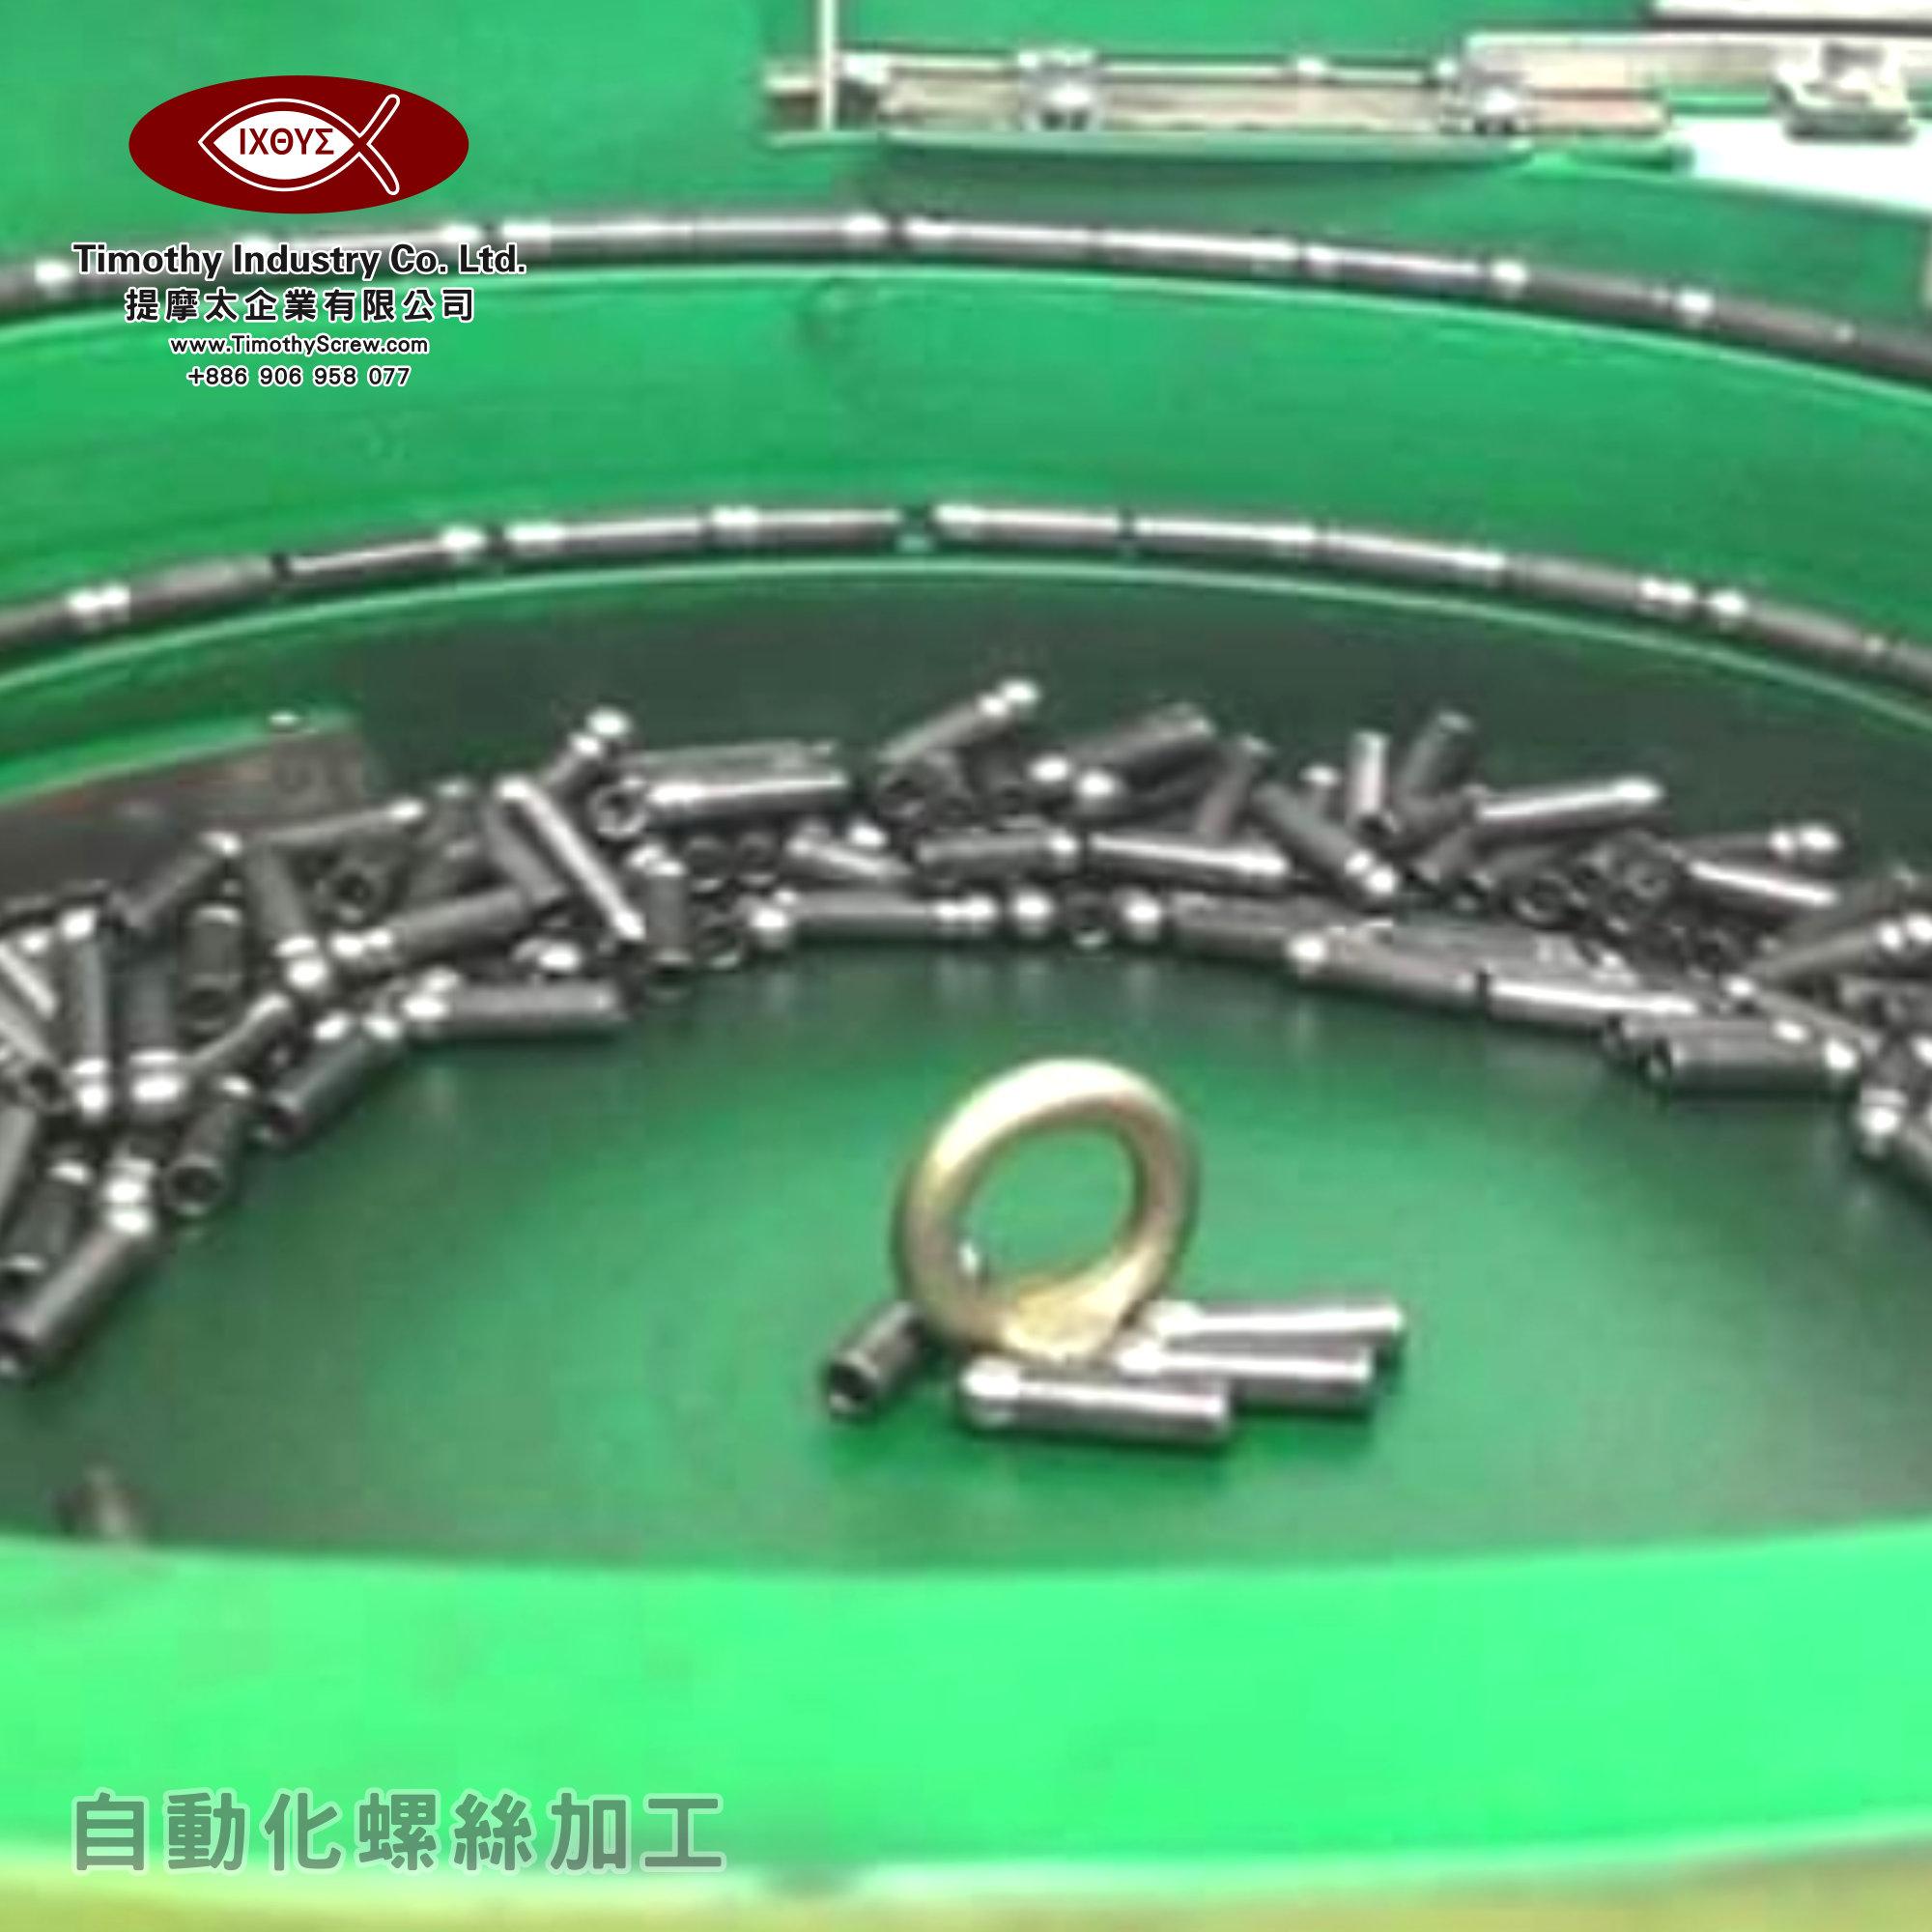 提摩太企業有限公司 Timothy Industry Co Ltd 自動化螺絲加工 車床部 銑床部 台灣自動化螺絲加工 螺絲製造 C01